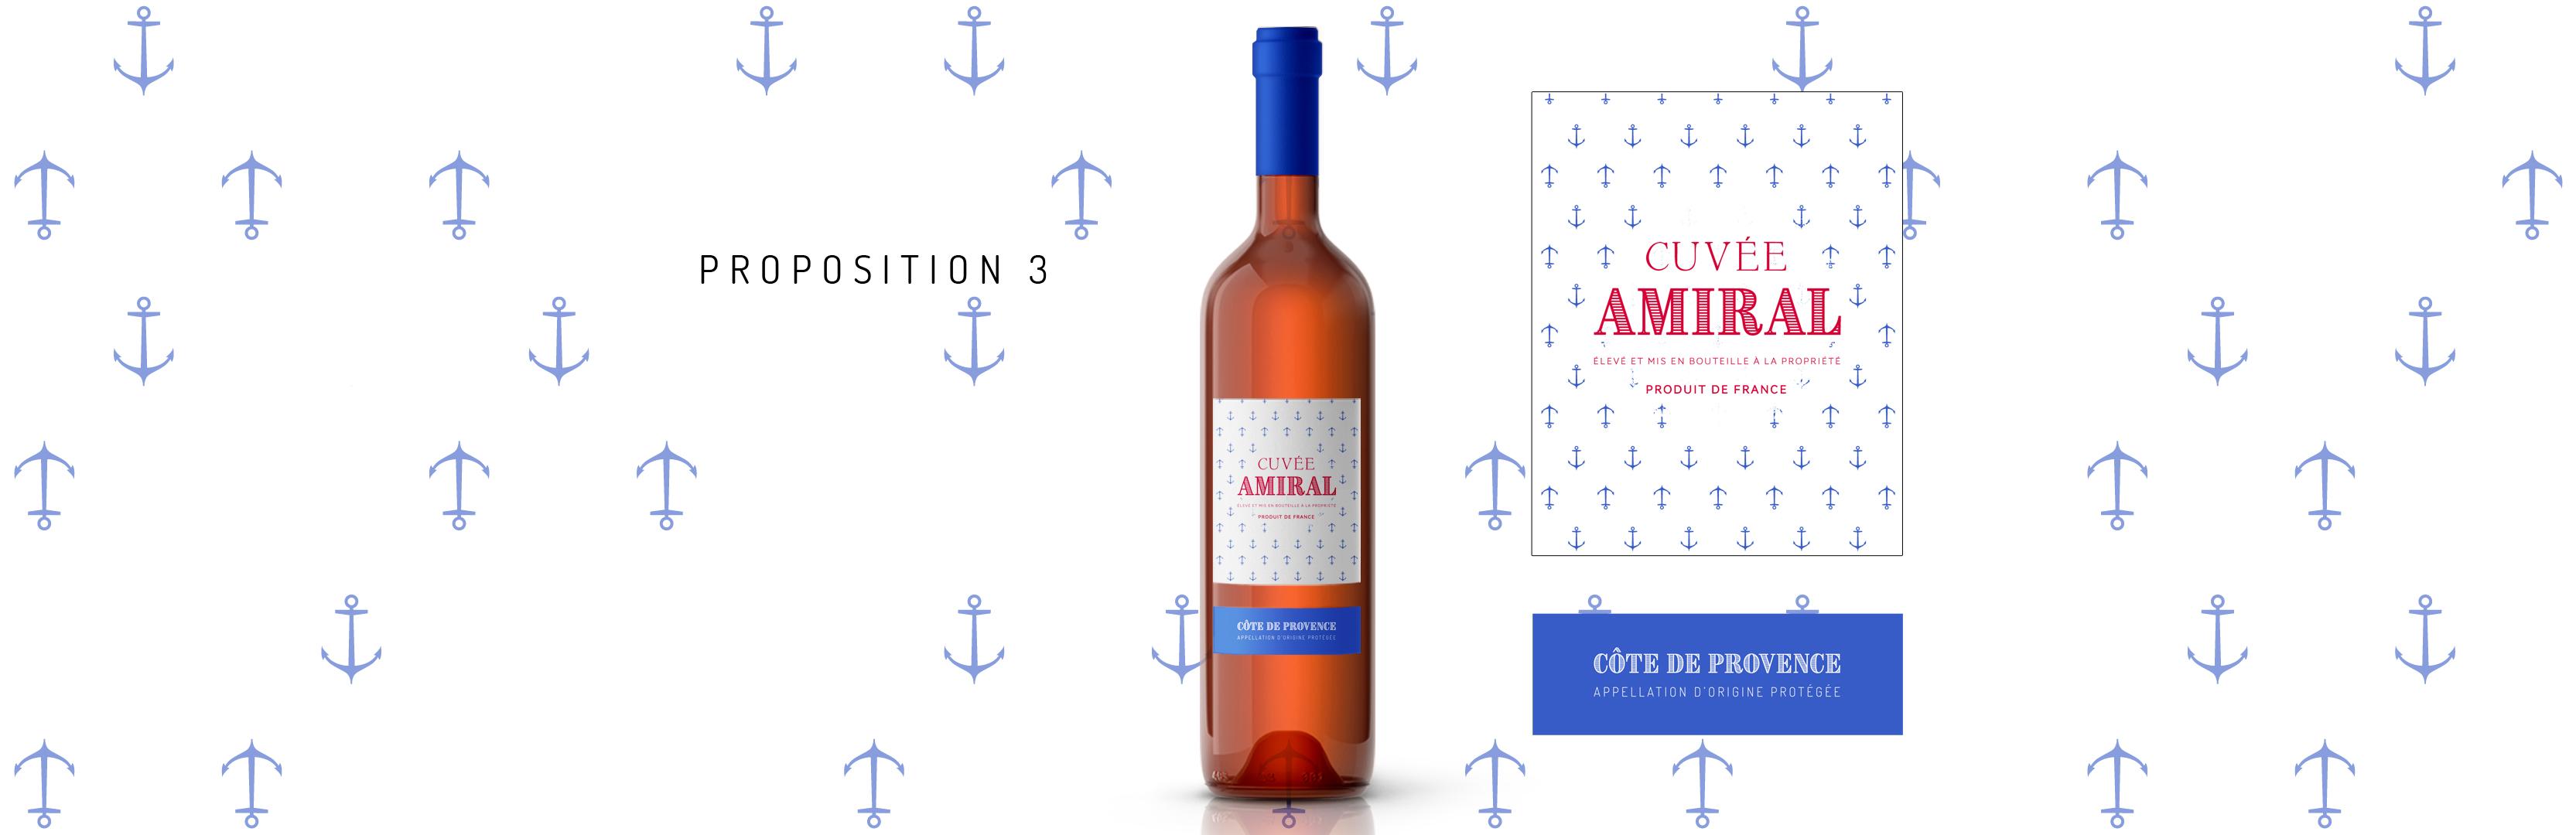 Habillage de bouteille Cuvée Amiral proposition 3